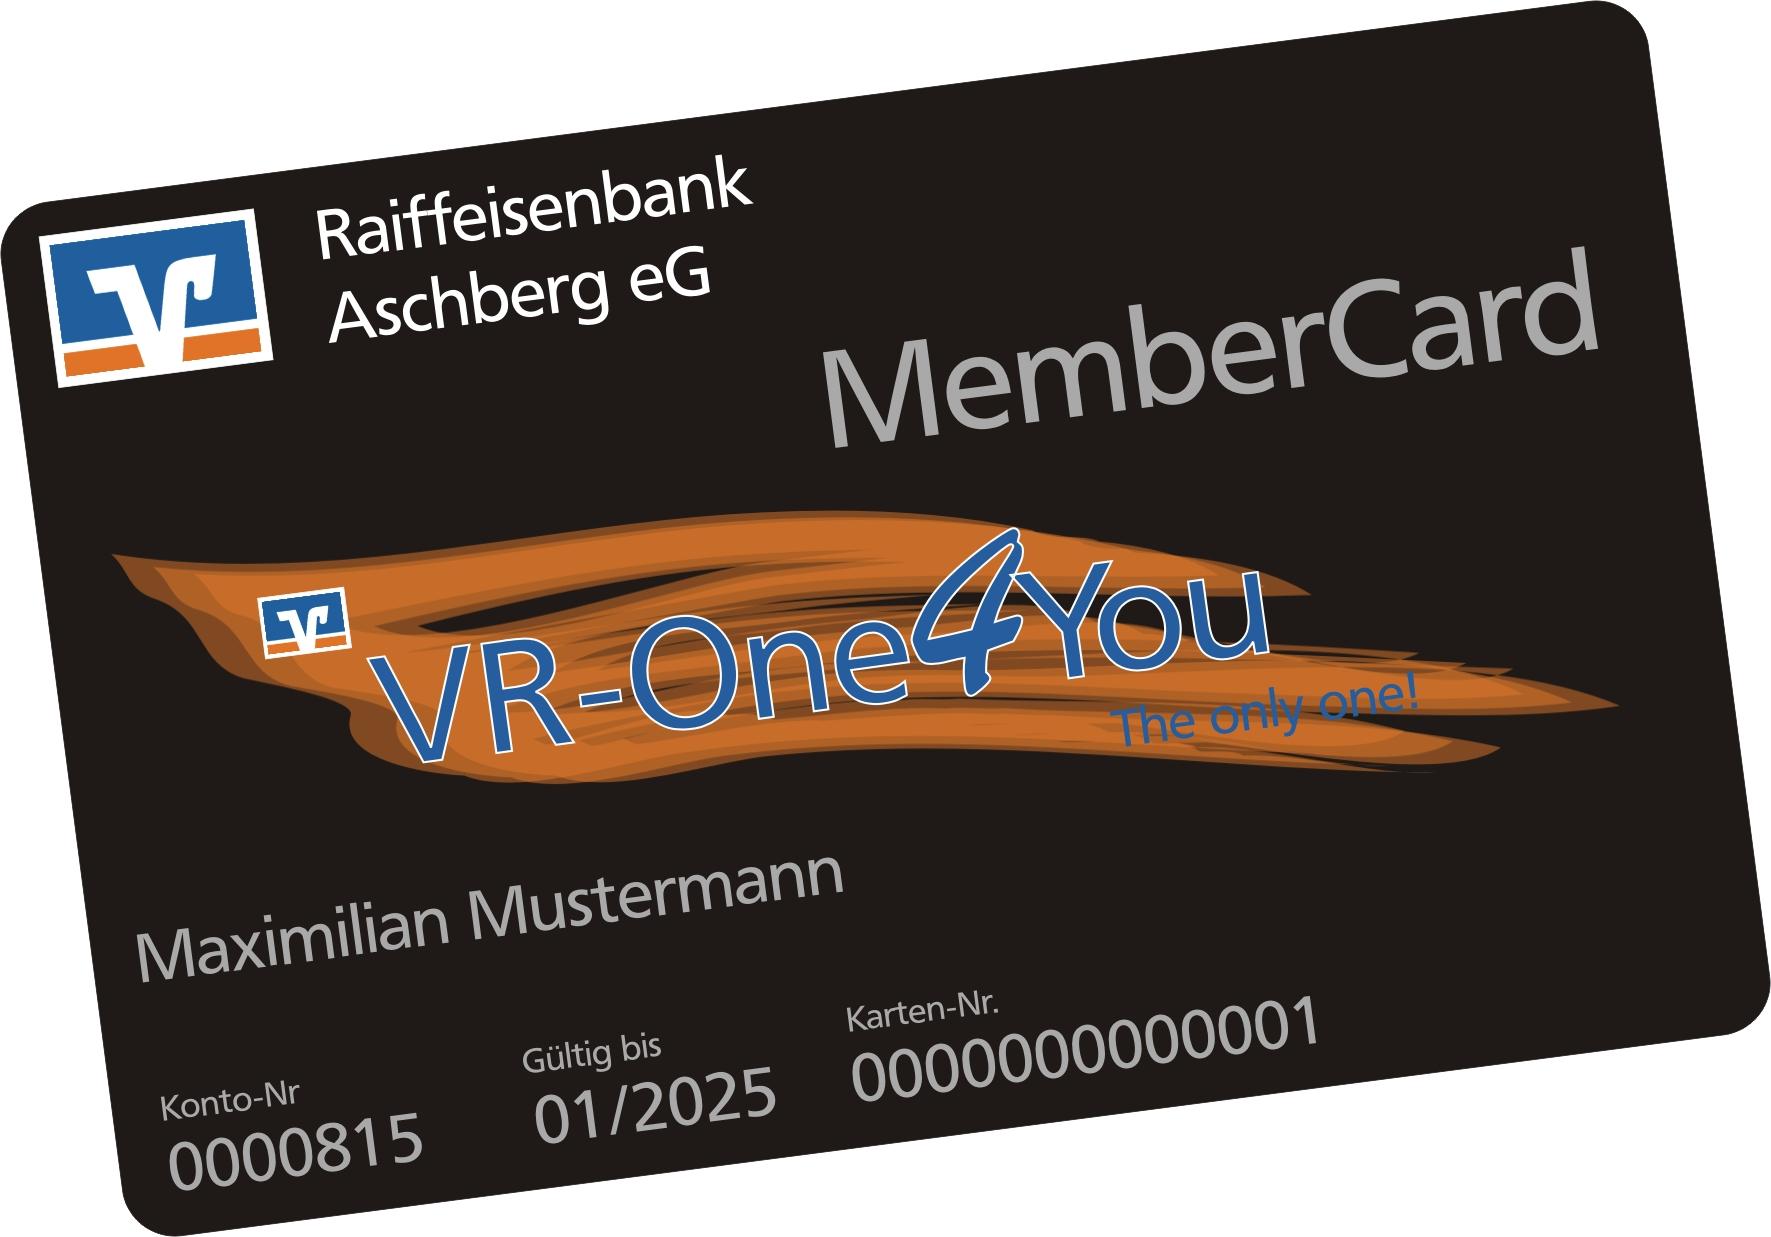 Ein Foto der MemberCard der Raiffeisenbank Aschberg eG